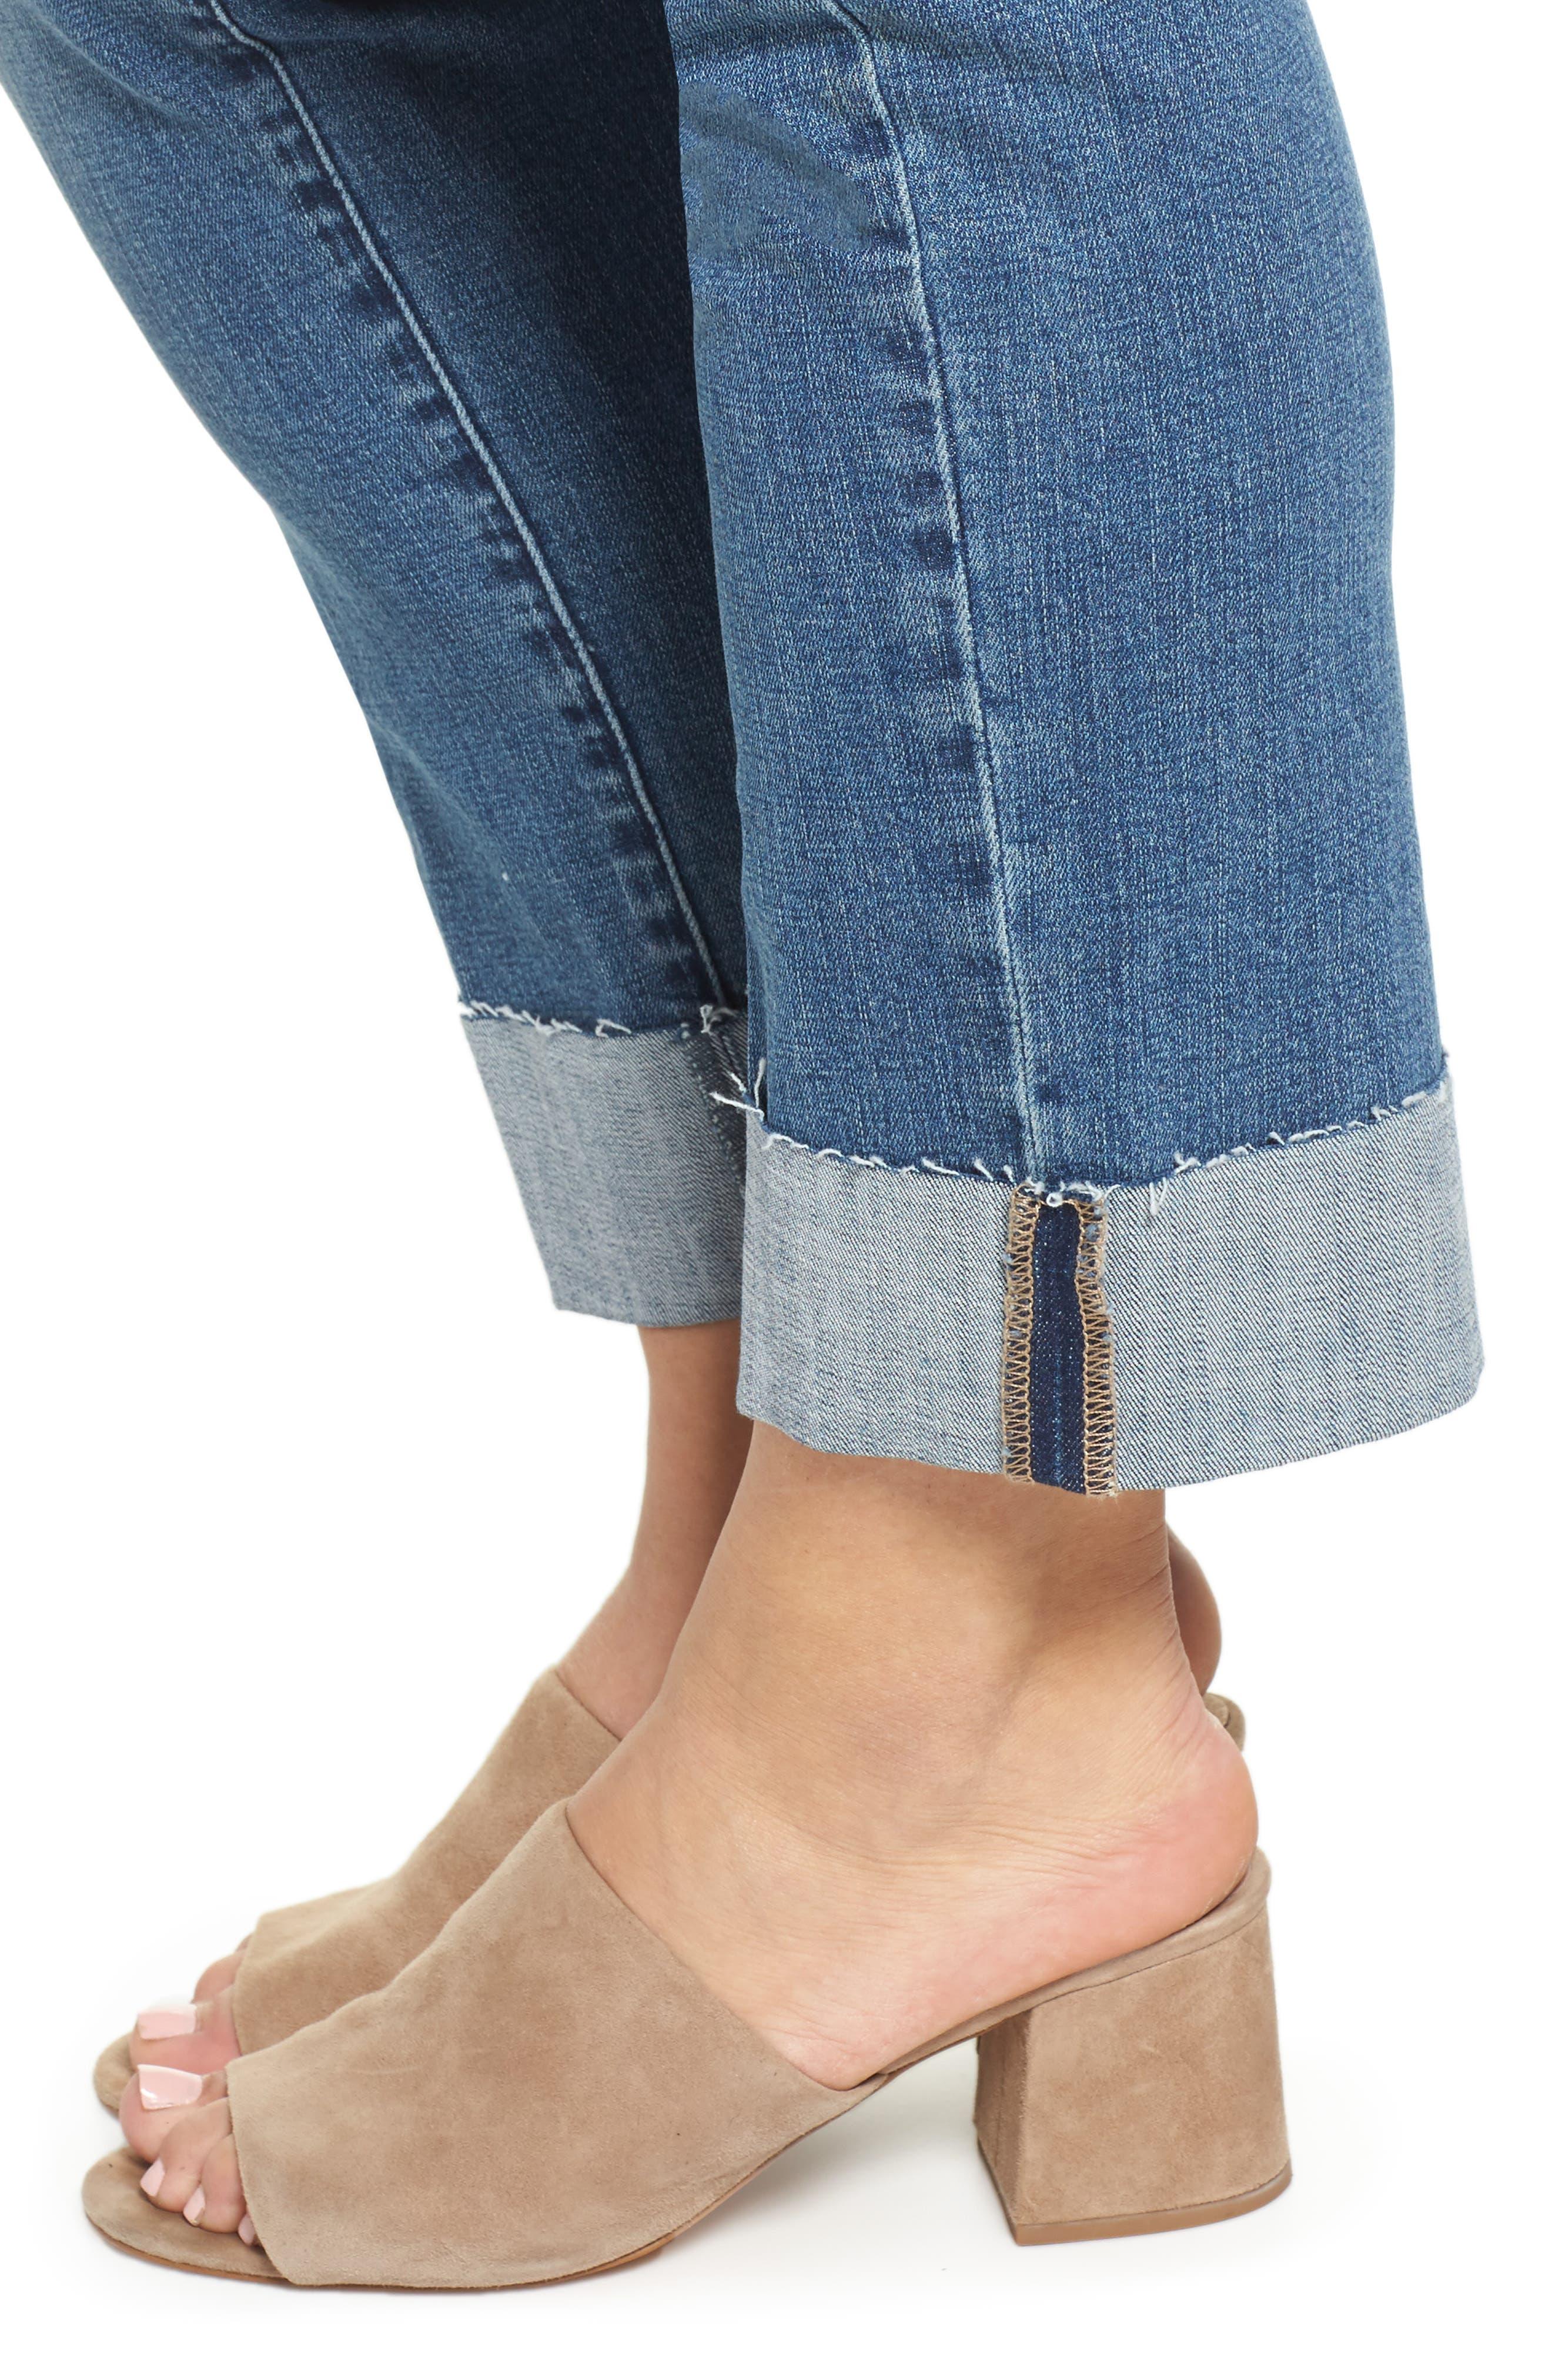 Flex-ellent Boyfriend Jeans,                             Alternate thumbnail 4, color,                             BLUE